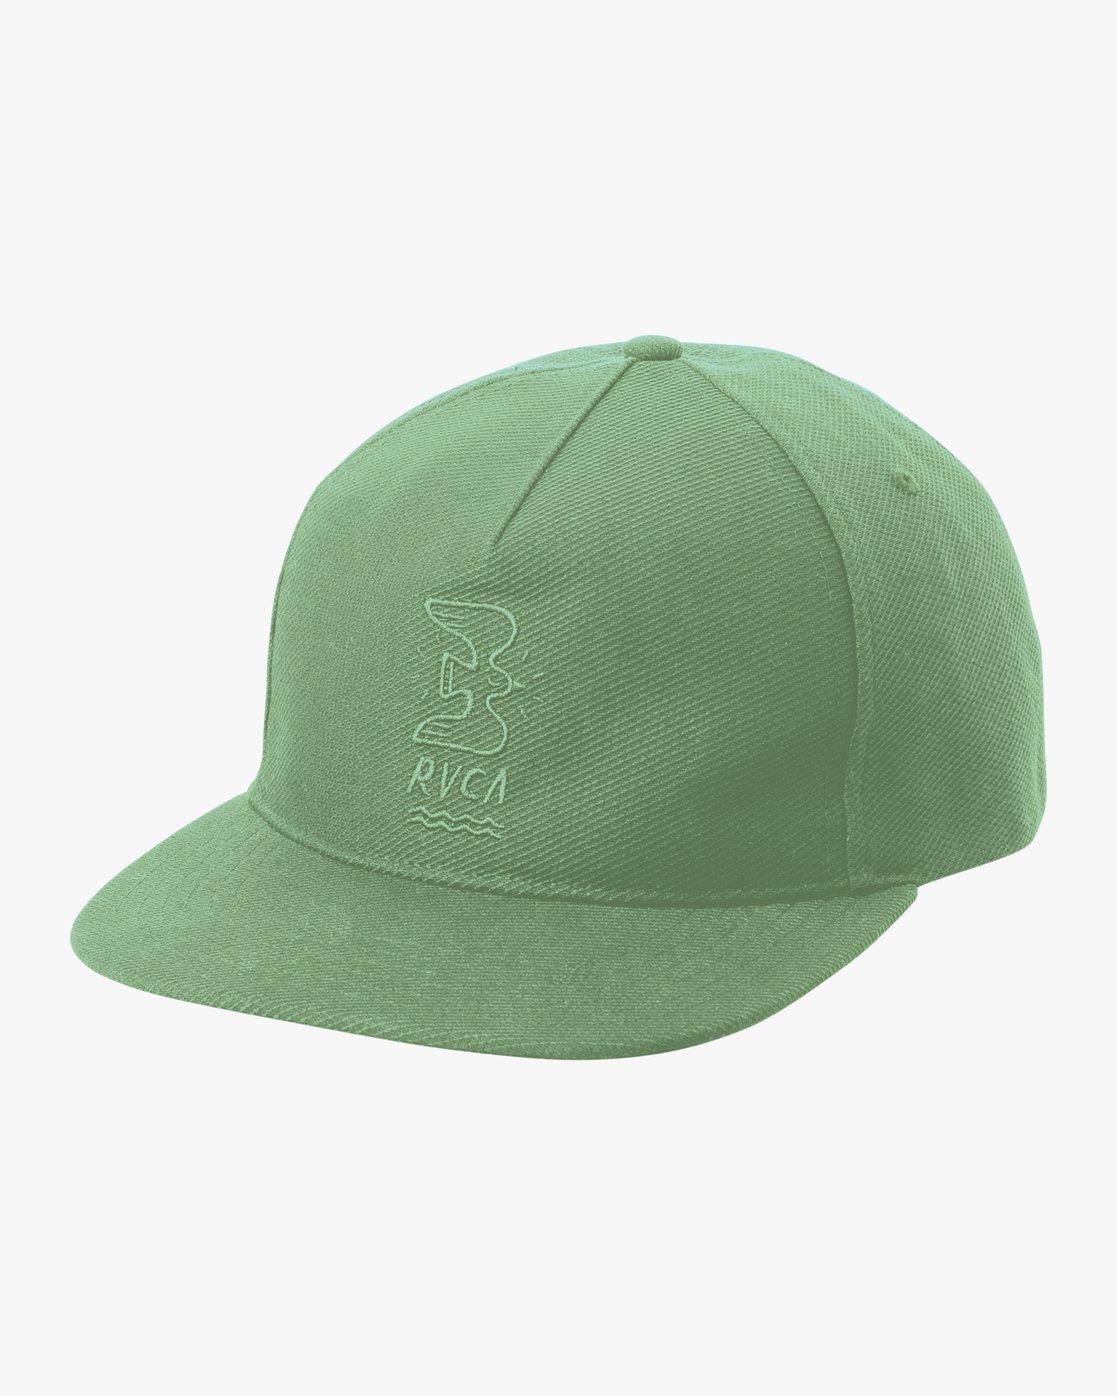 9ec93b9d 0 Stress Free Strapback Hat MAHWNRSF RVCA